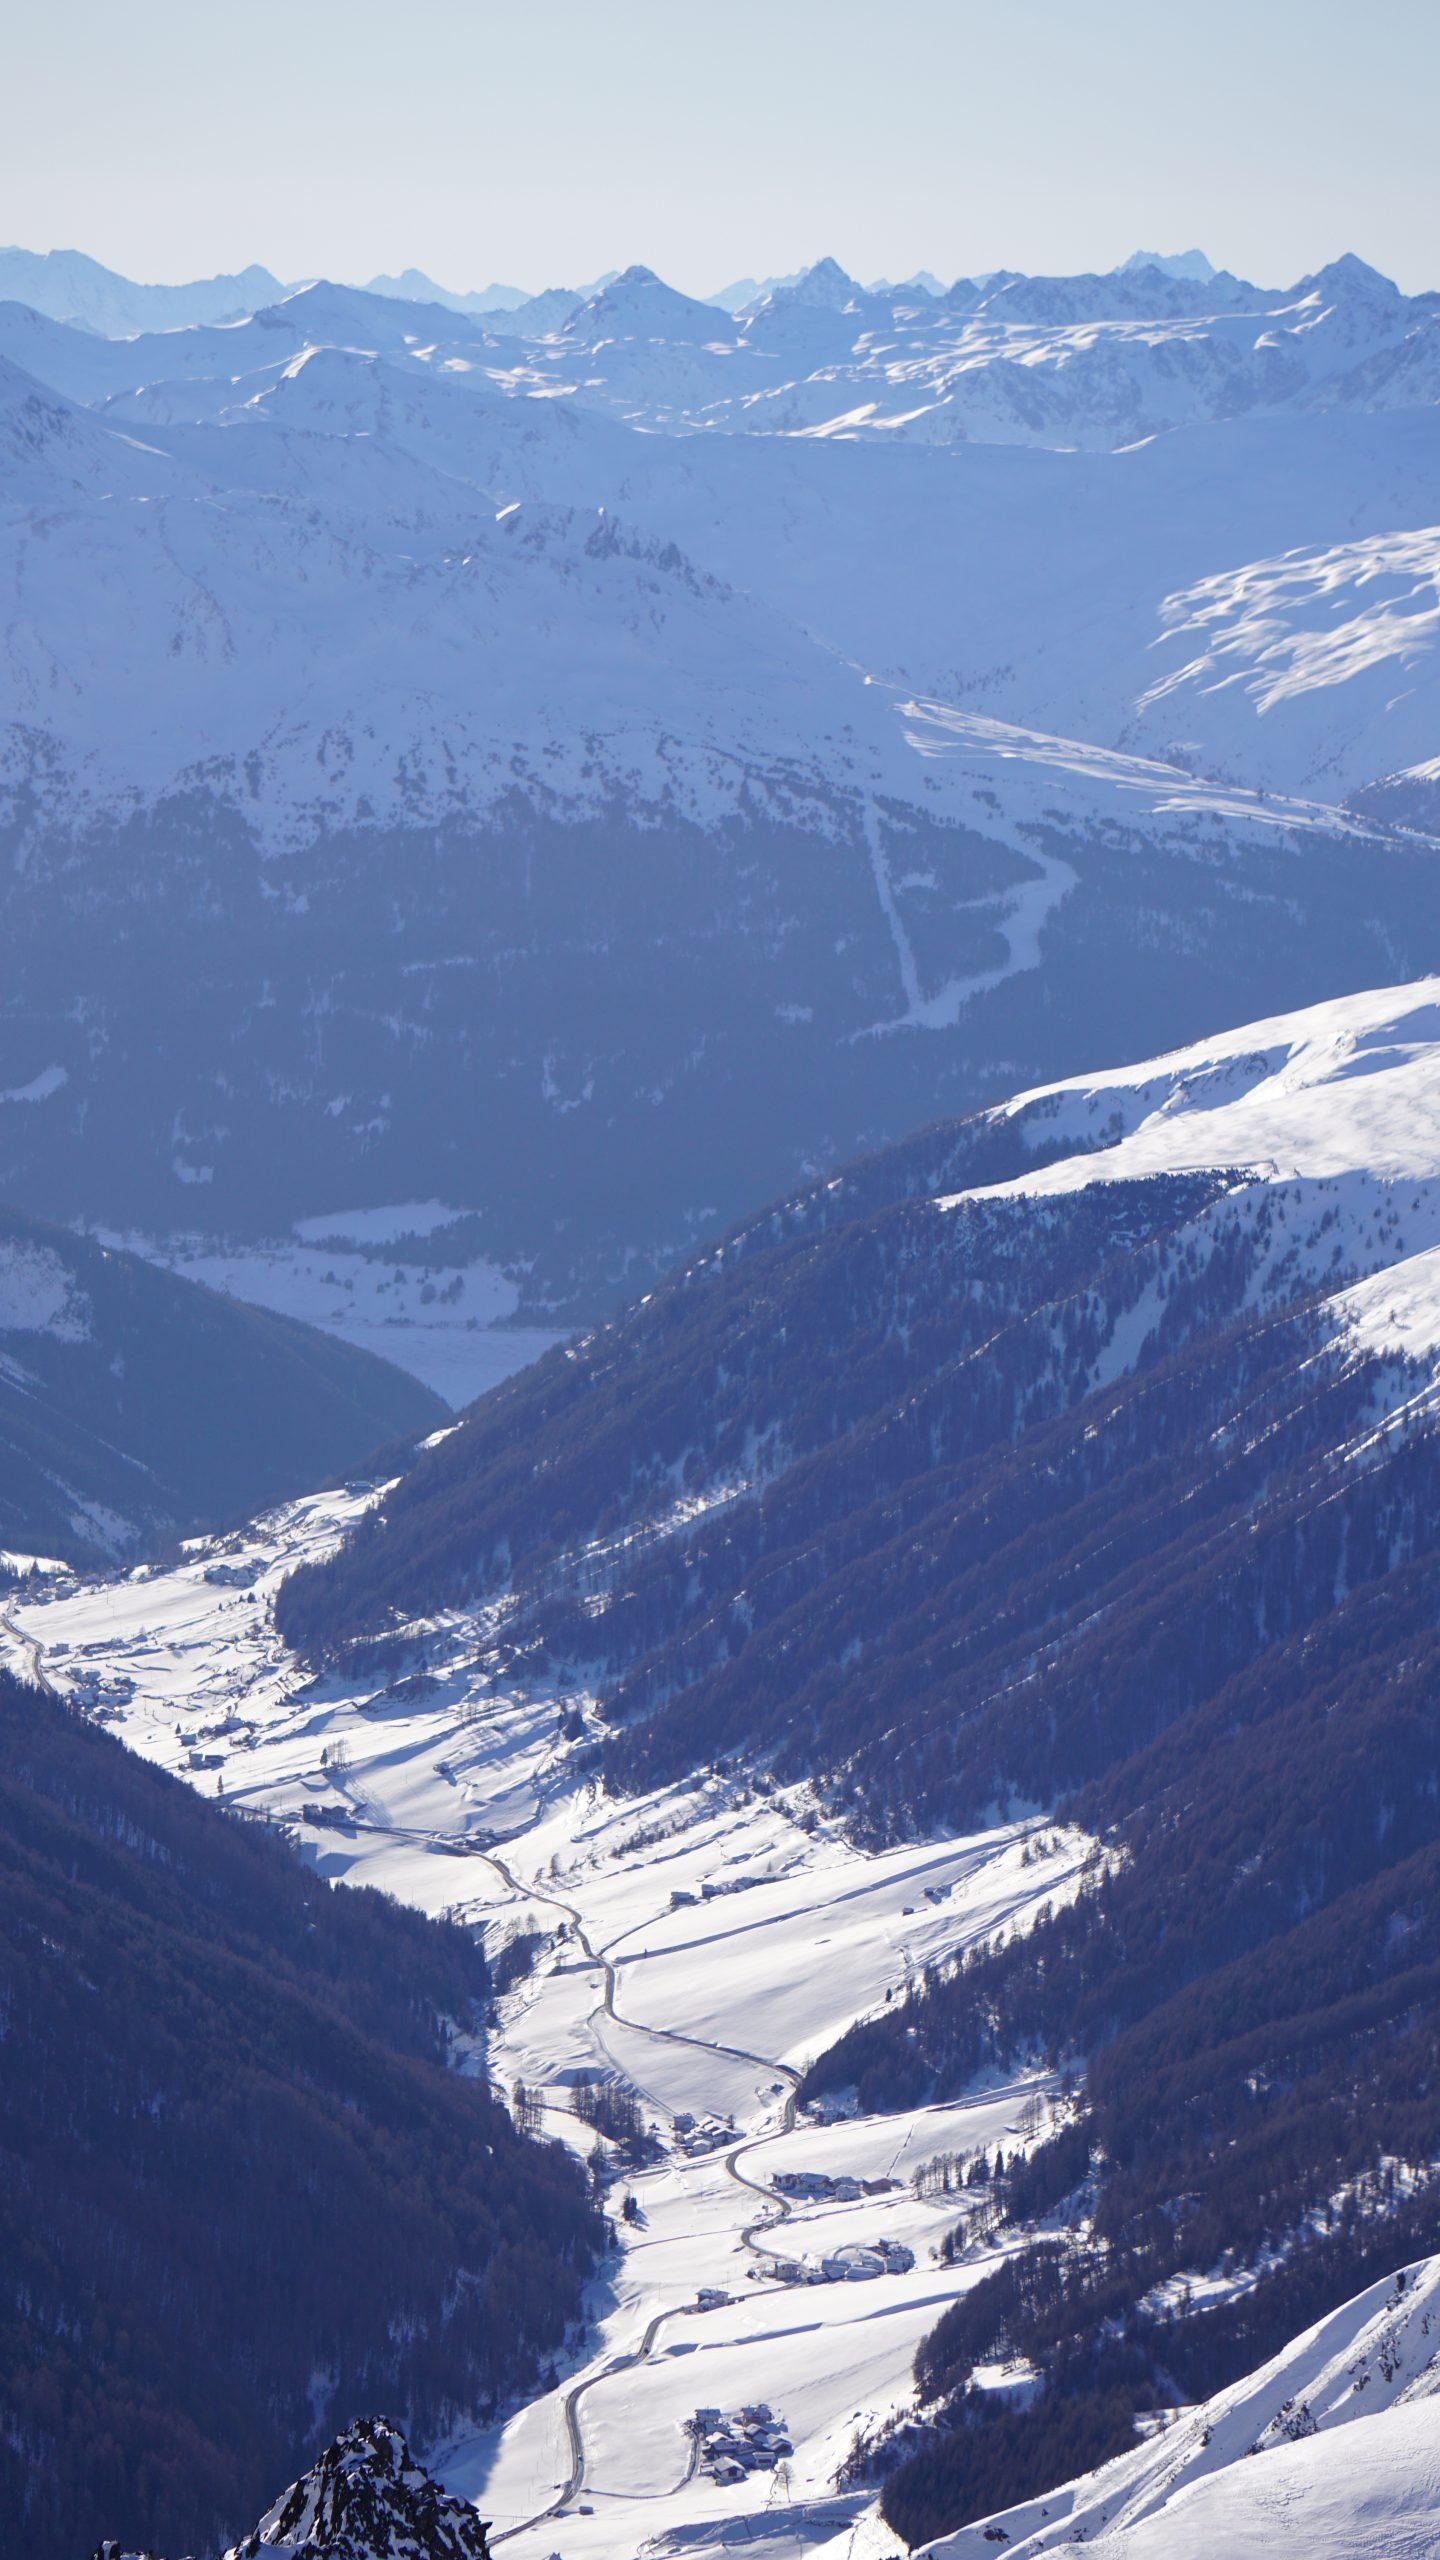 Blick vom Karlesjoch ins Langtauferertal und den Reschensee (heute eingeschneit)